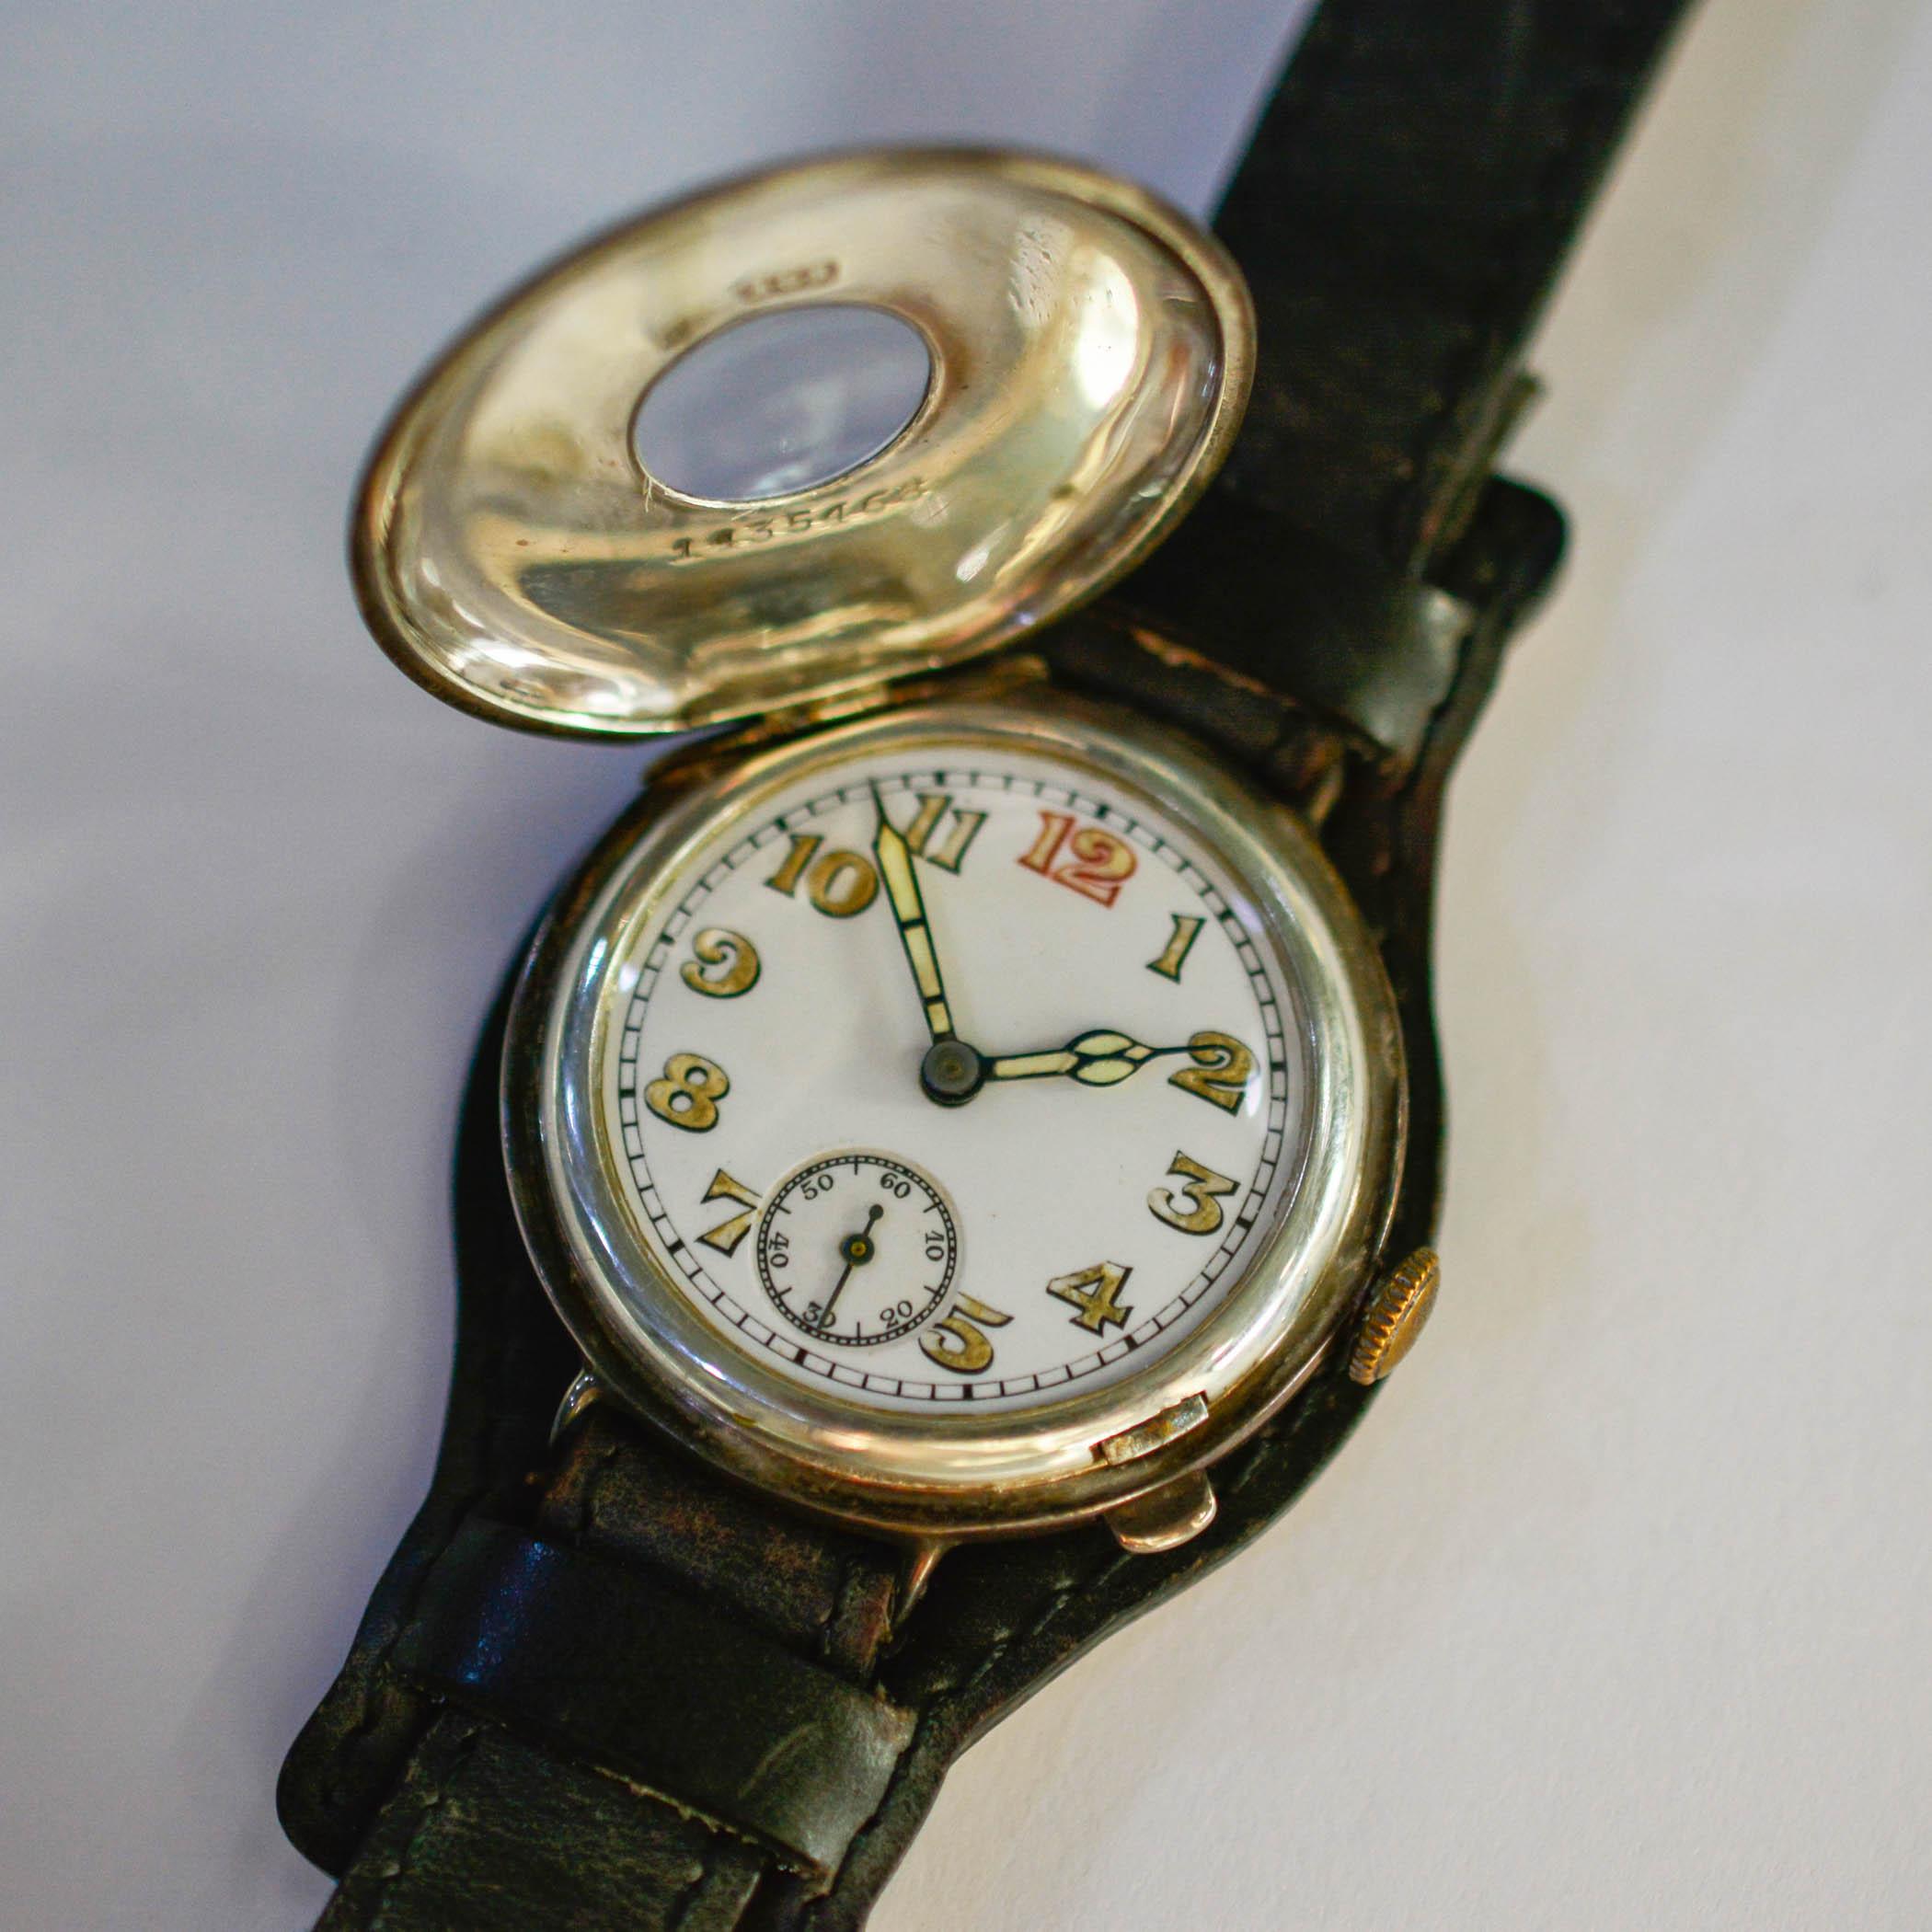 World War 1 era wristwatch with half-hunter case